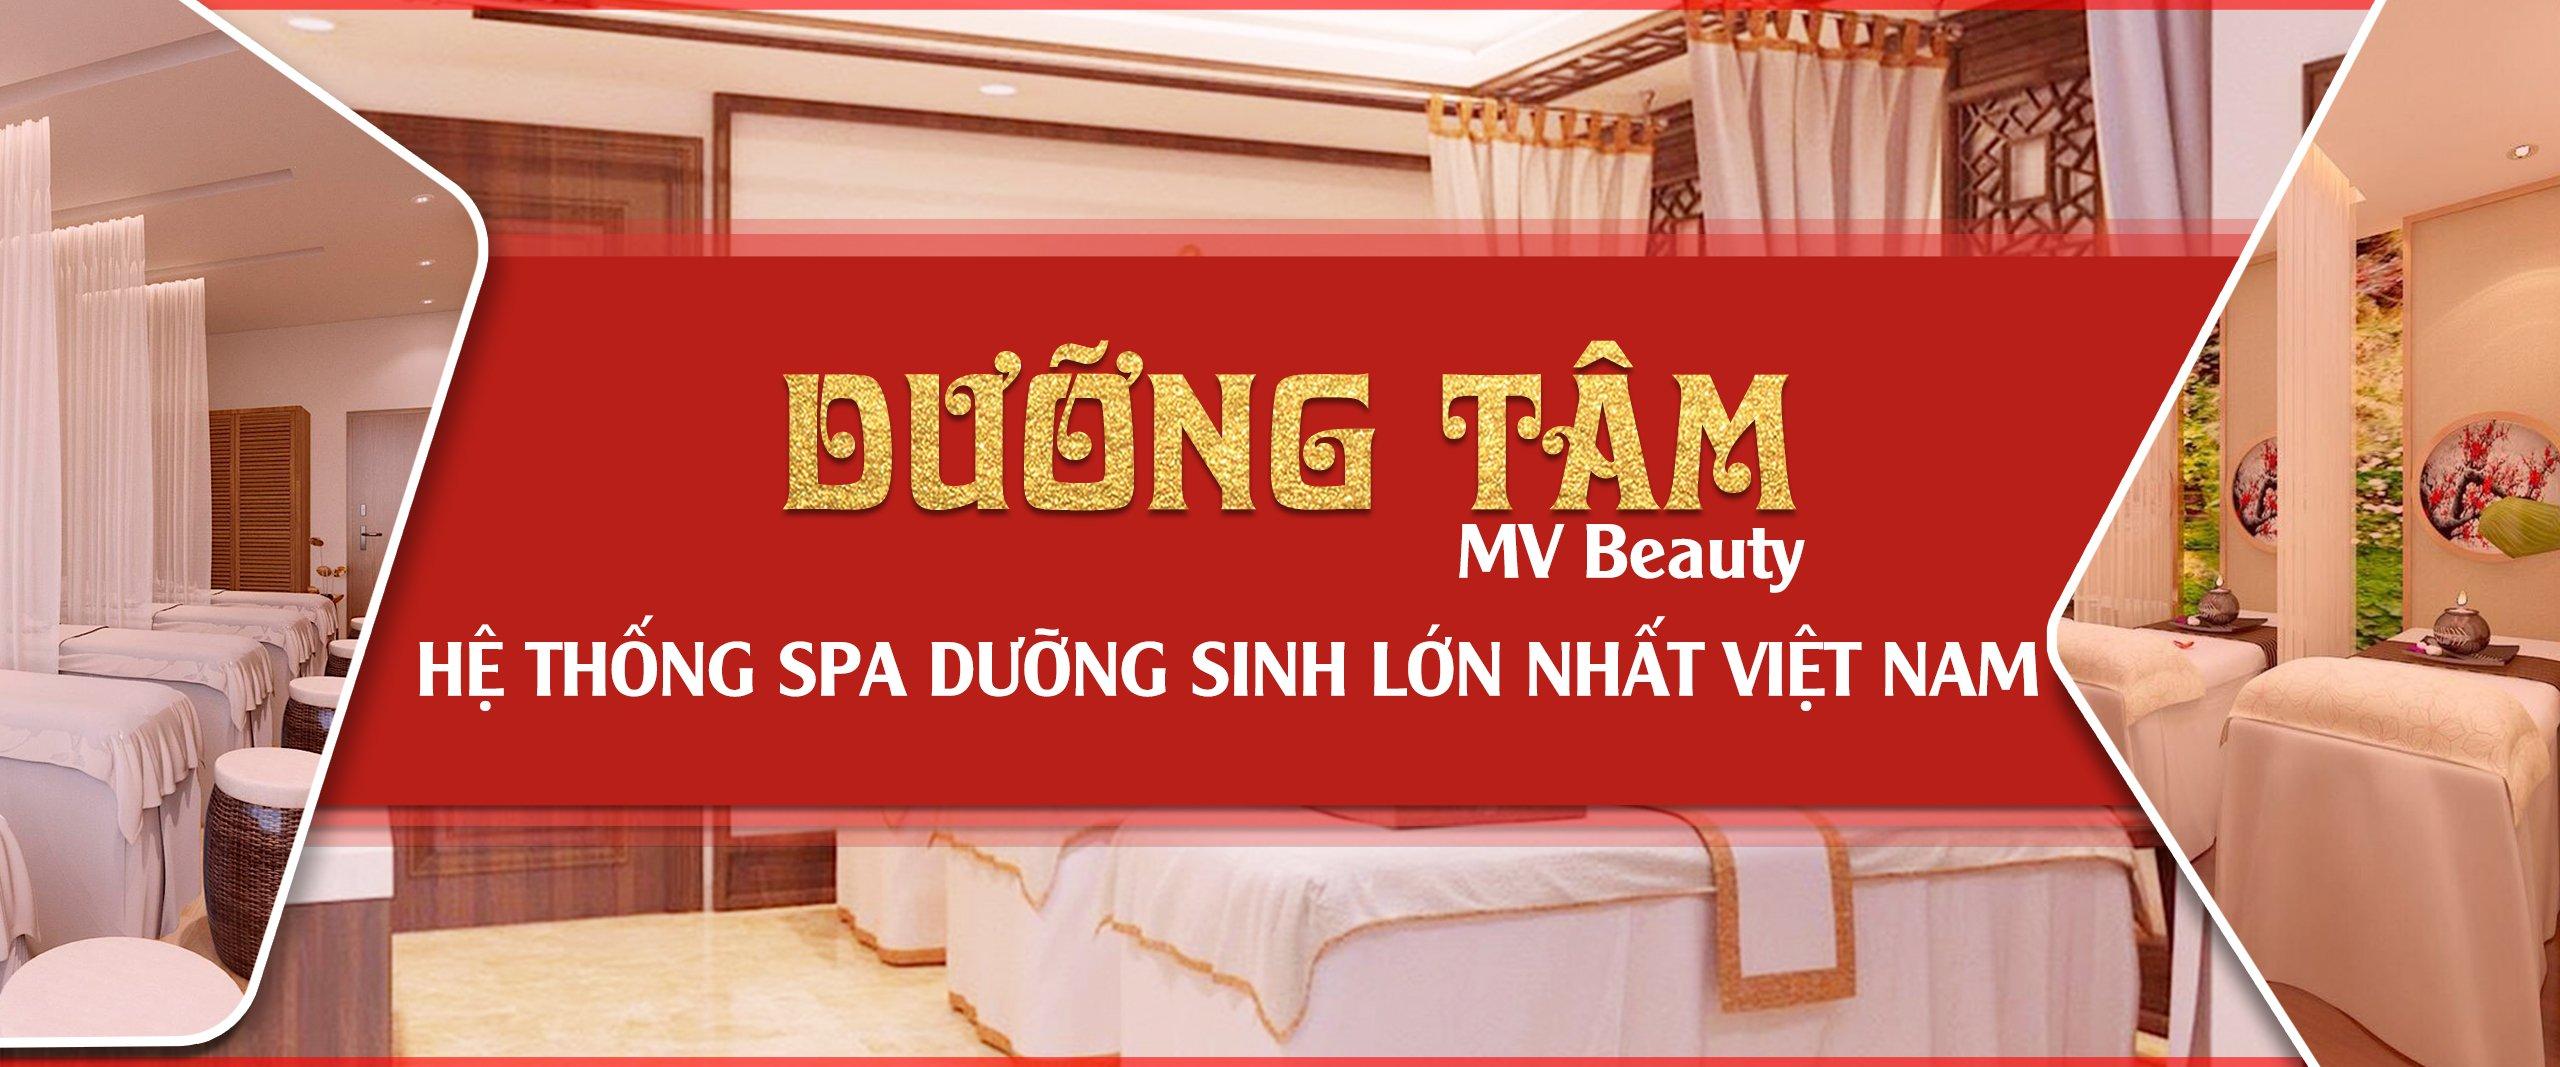 duong-tam-mv-beauty